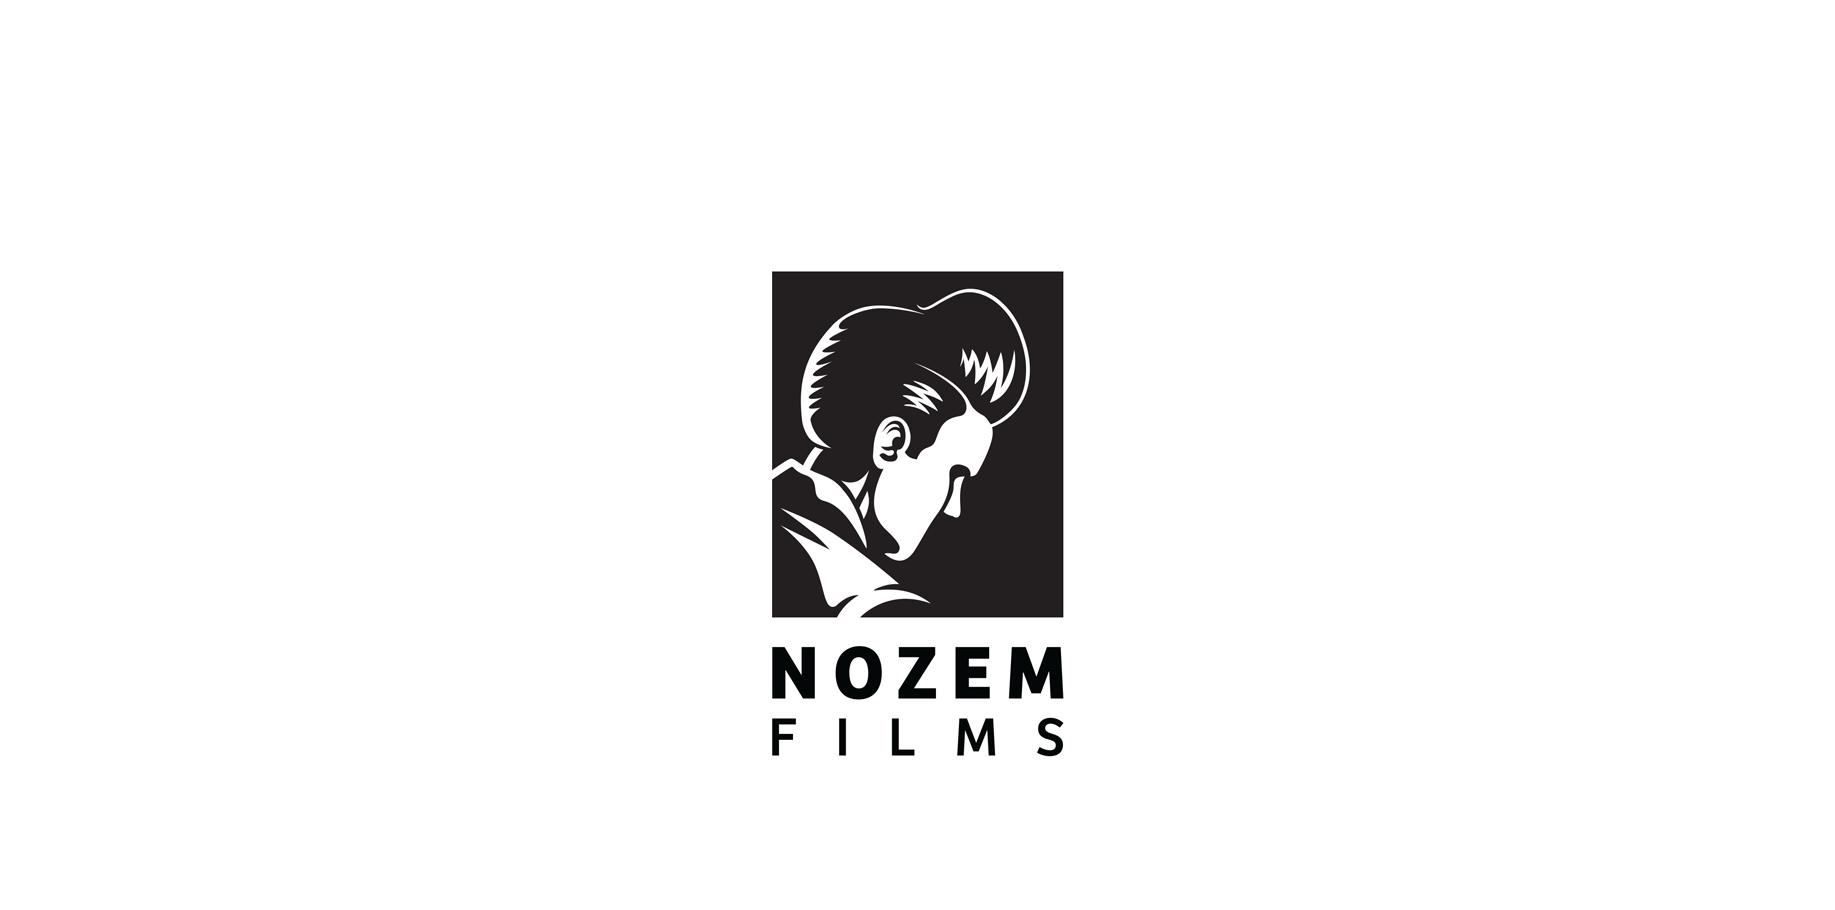 nozem_films_01